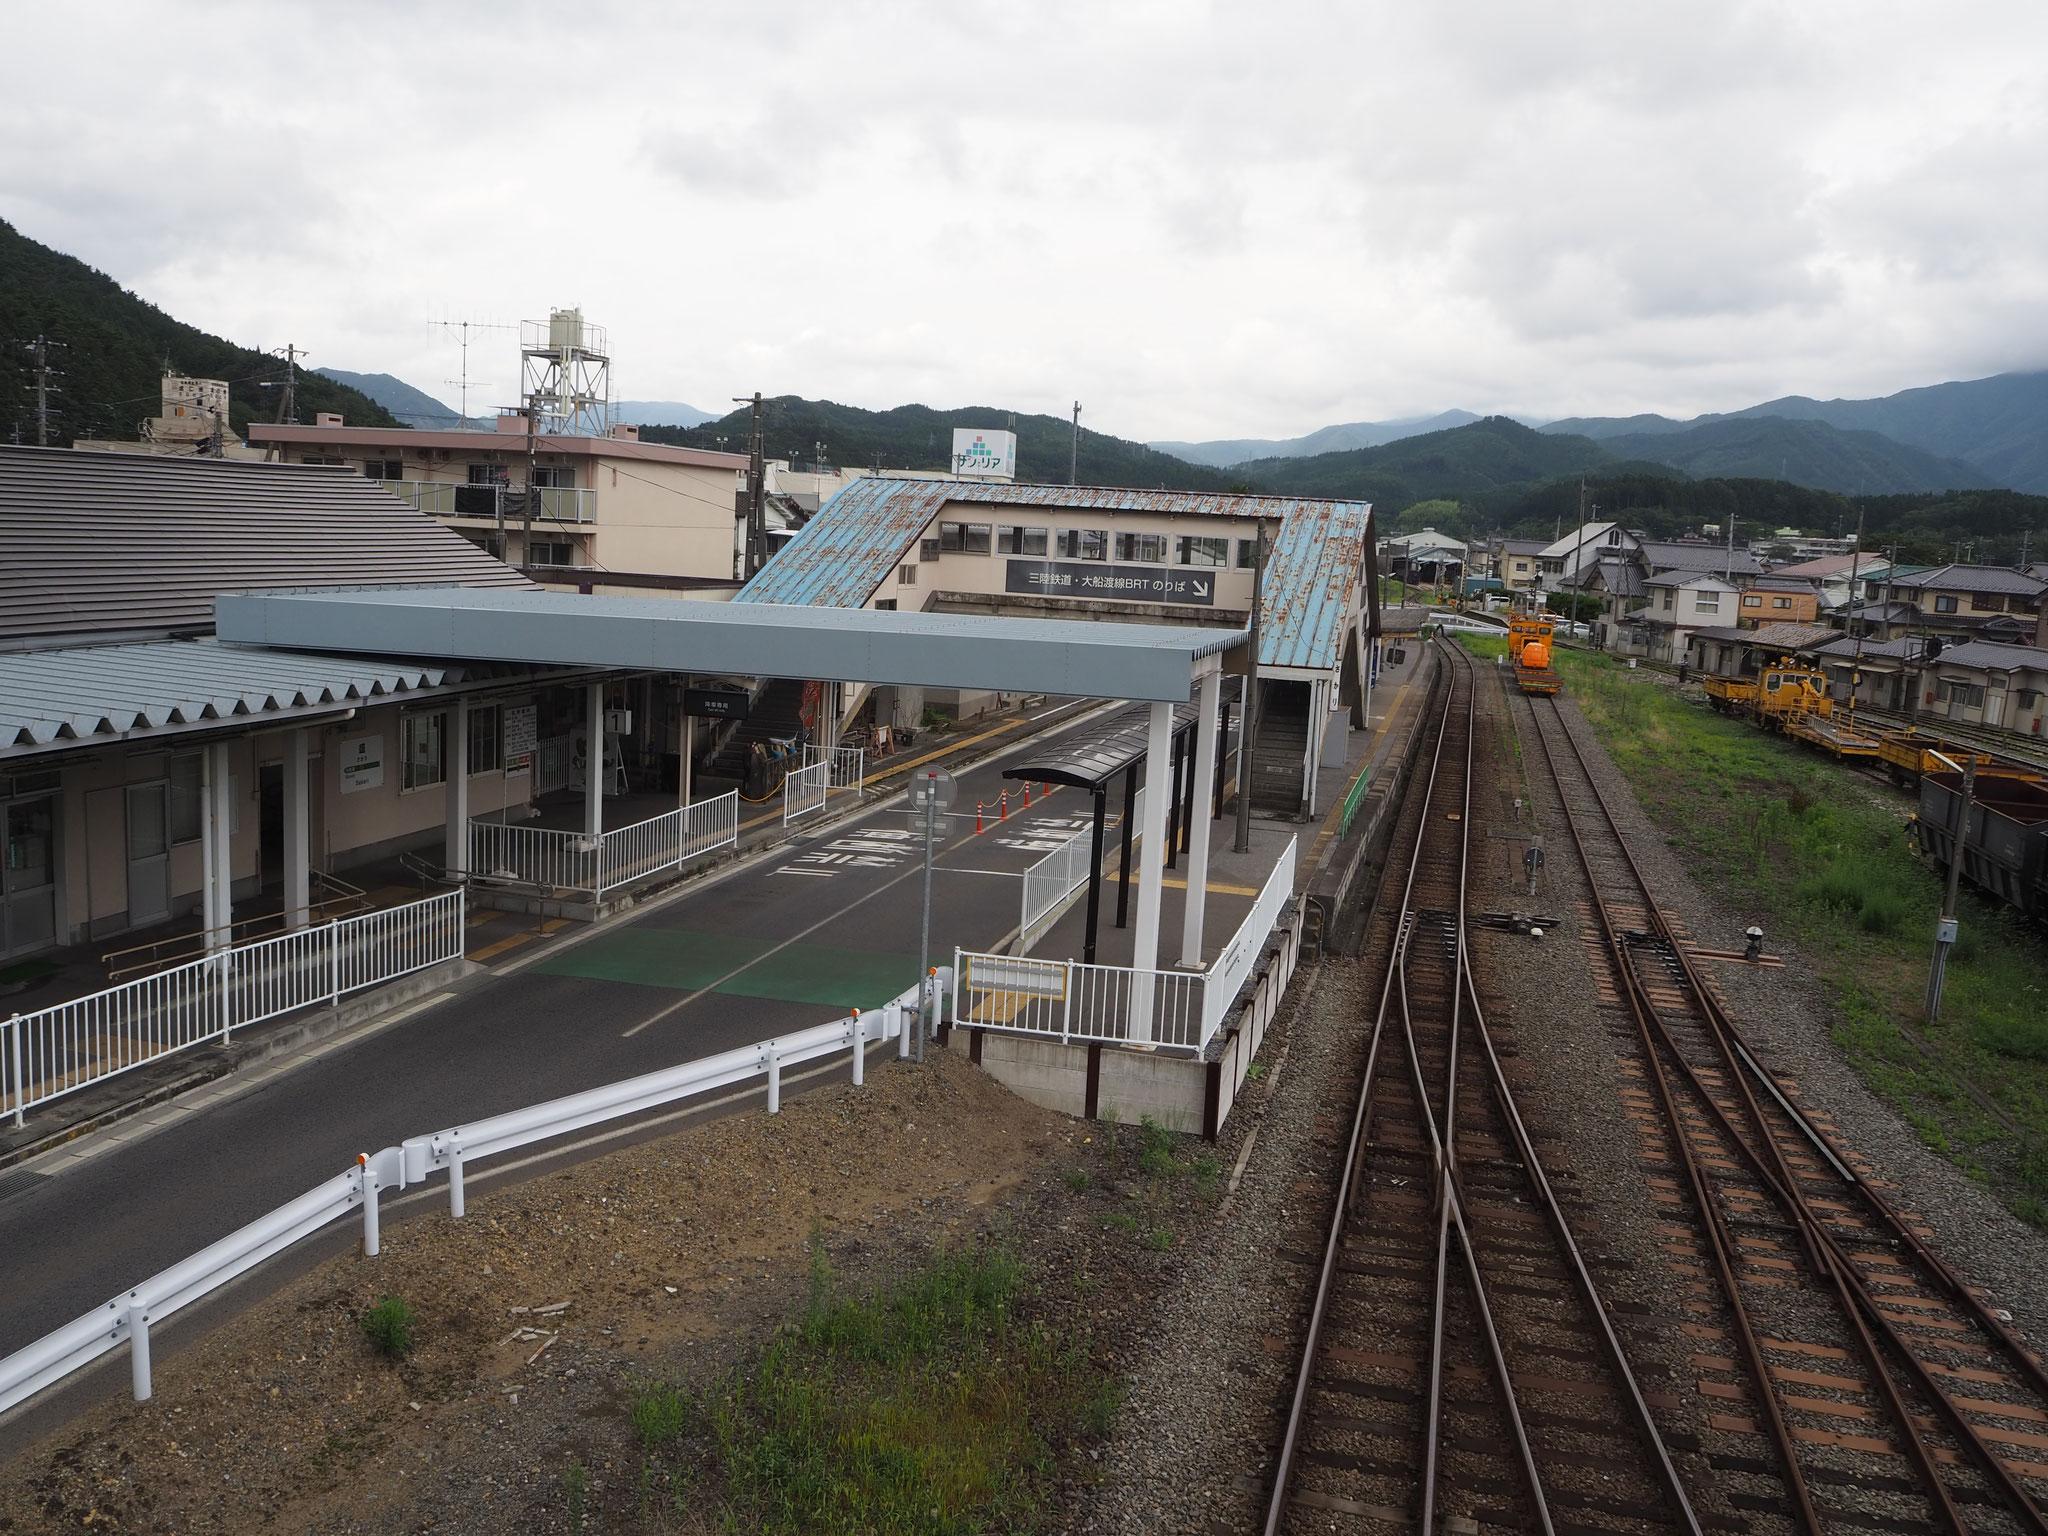 三陸鉄道リアス線の始発駅の盛駅。左がBRT、右が三陸鉄道の線路